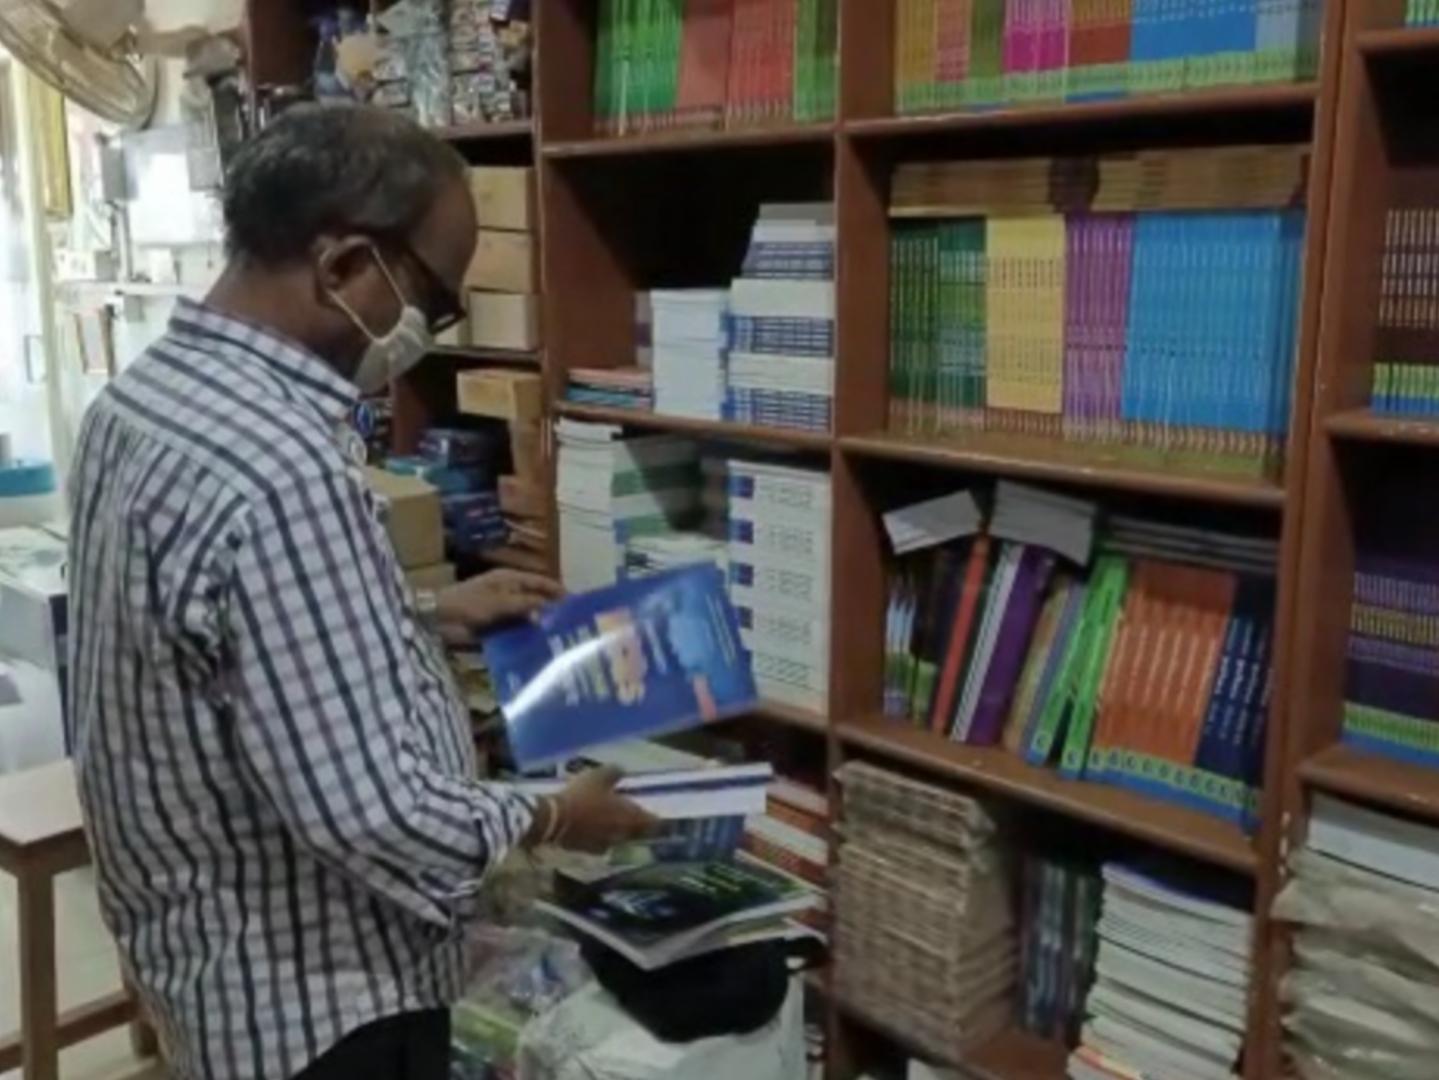 રાજ્ય સરકારે ધોરણ 10 અને 12ની પરીક્ષા રદ કરતા સ્ટેશનરી વાળા વેપારીઓને ફટકો, 70 ટકા અભ્યાસક્રમ વાળા નવા પુસ્તકો પસ્તી બન્યા નવસારી,Navsari - Divya Bhaskar